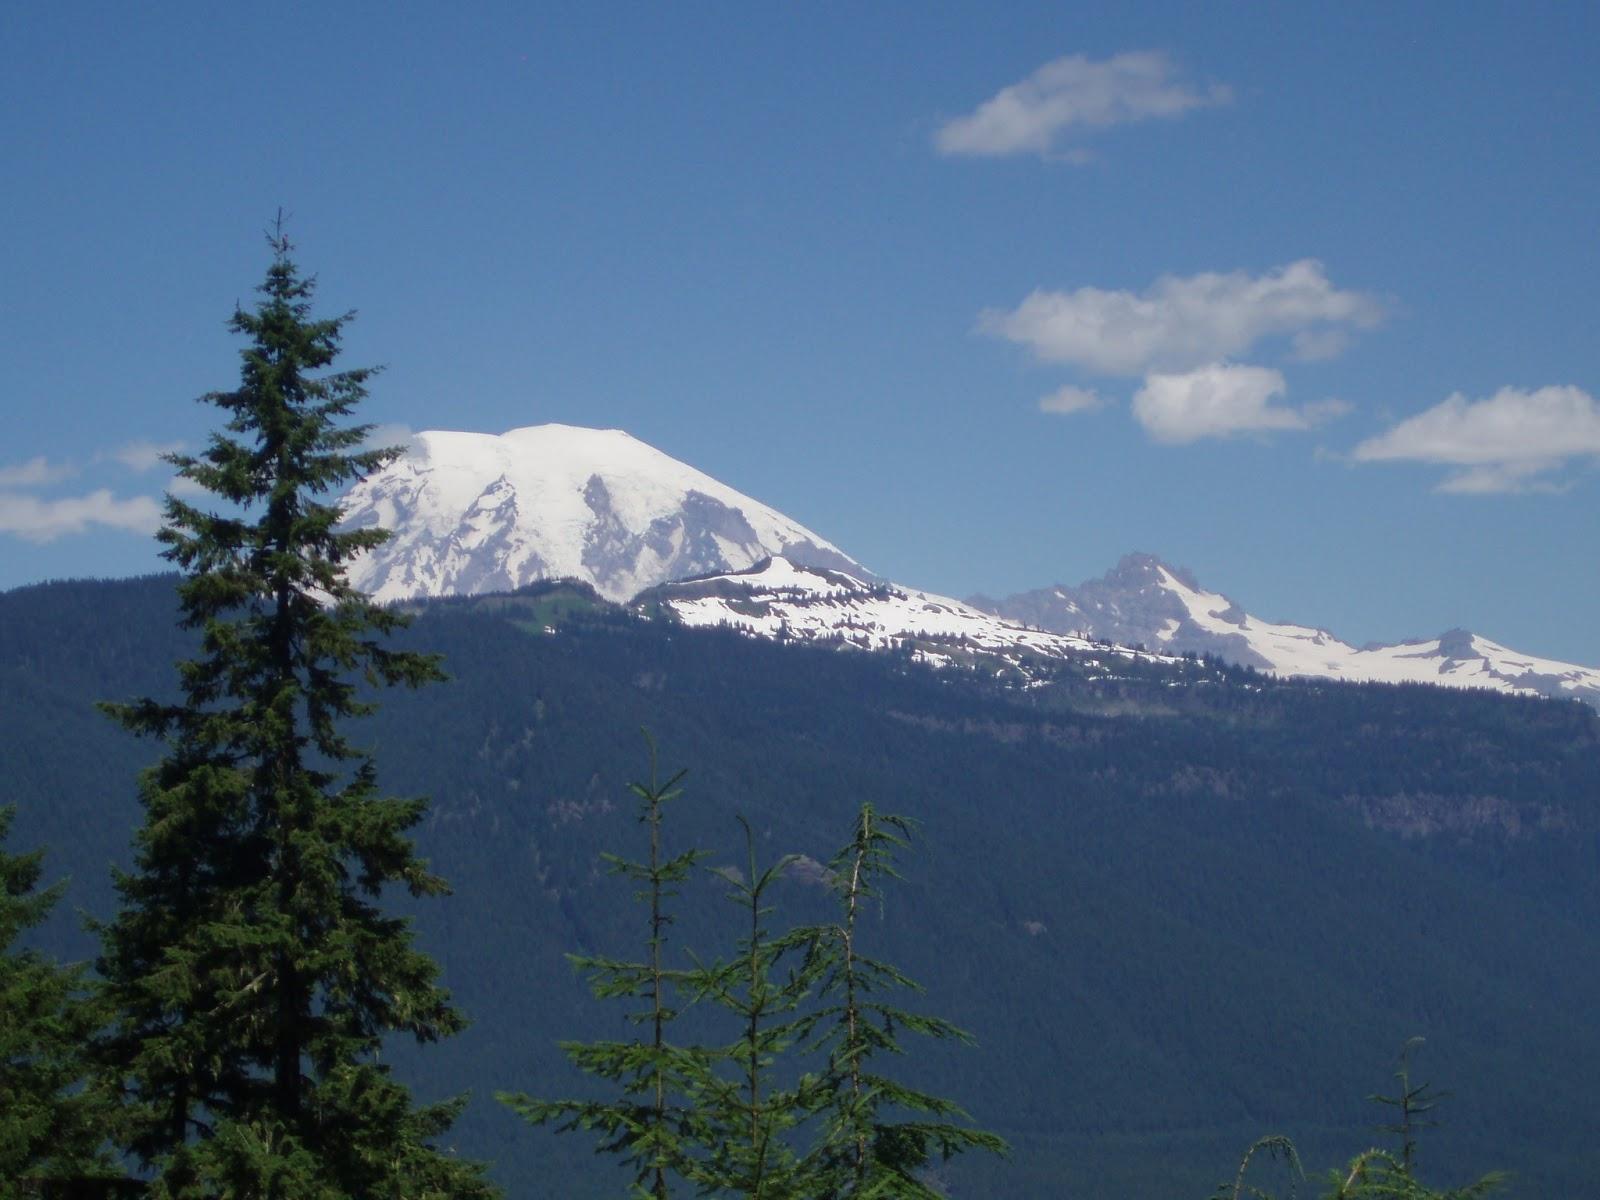 Fagin39s Weather World Hike Washington Fagin39s Hike of